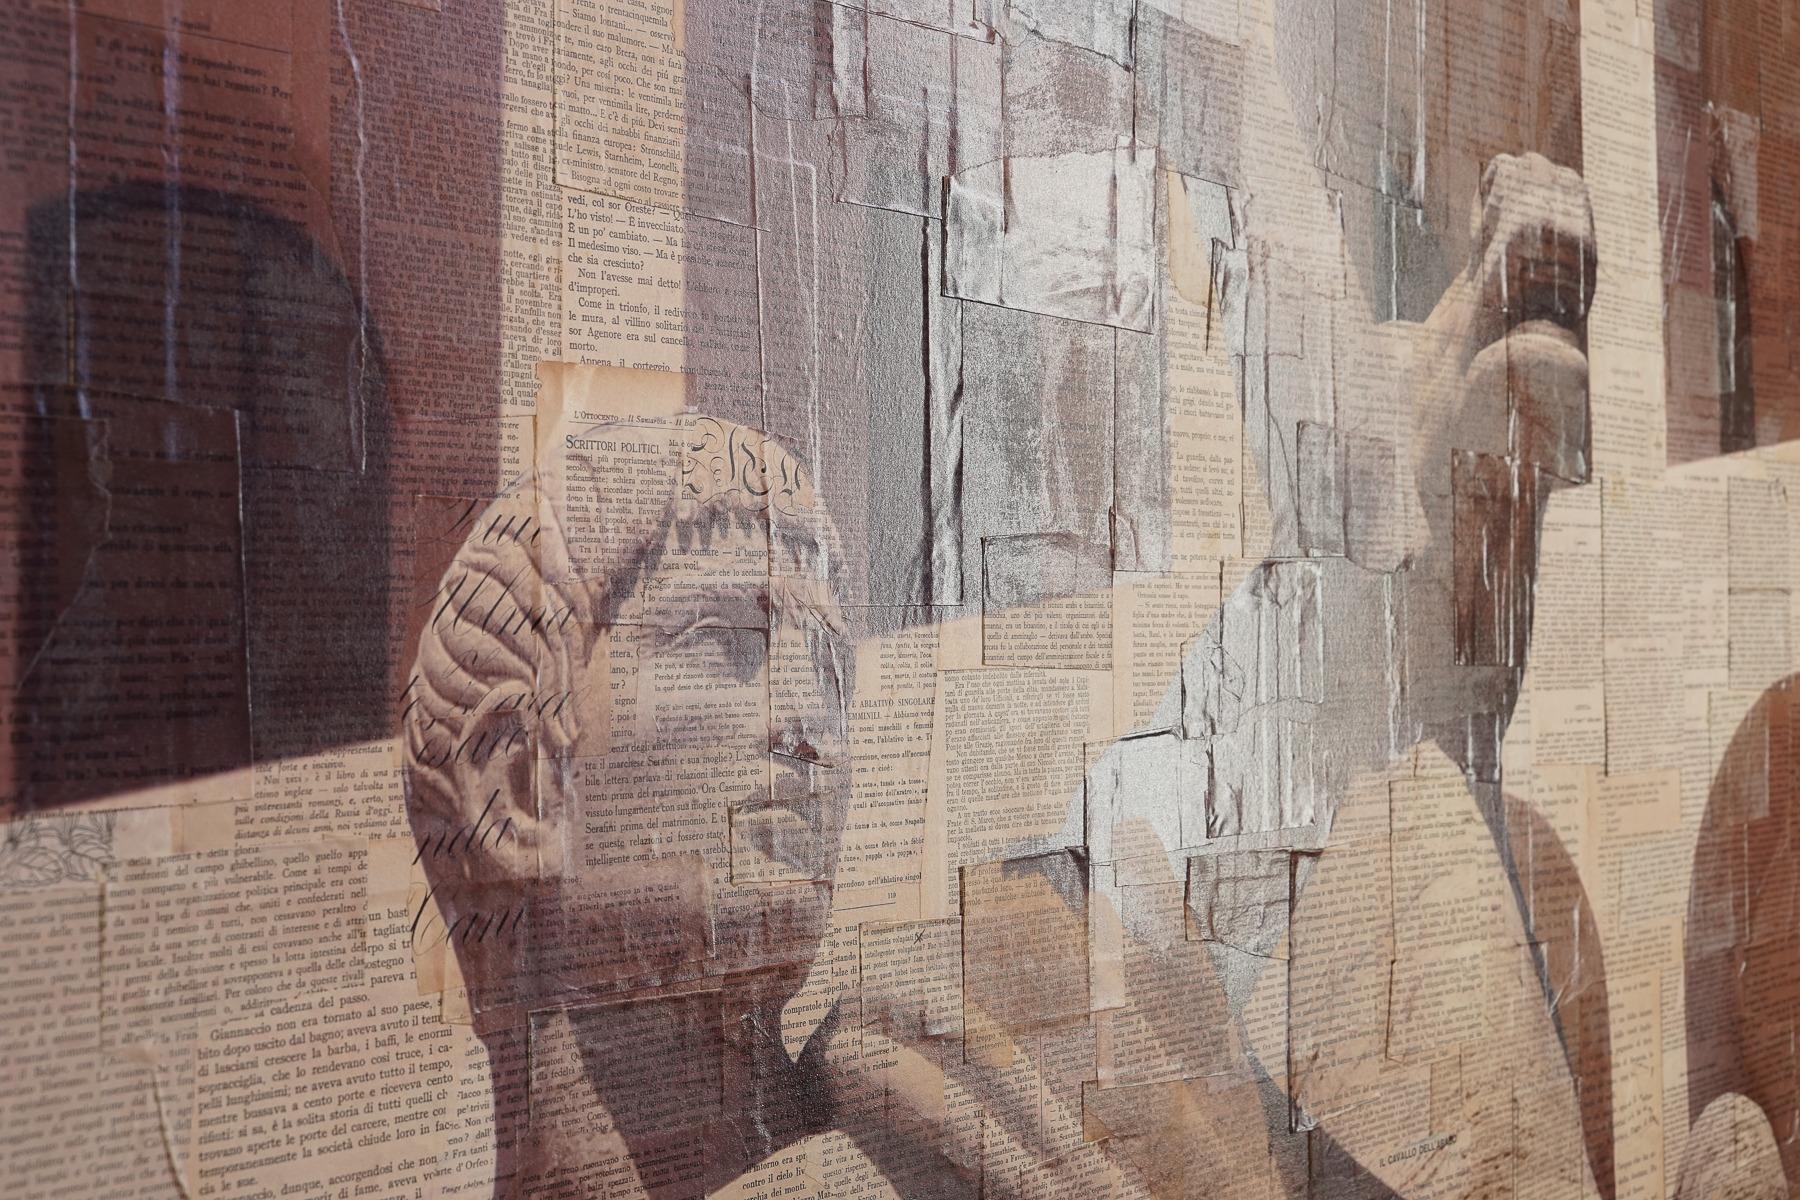 Roma, Prototipo d'eroe - dettaglio, 480x150 cm